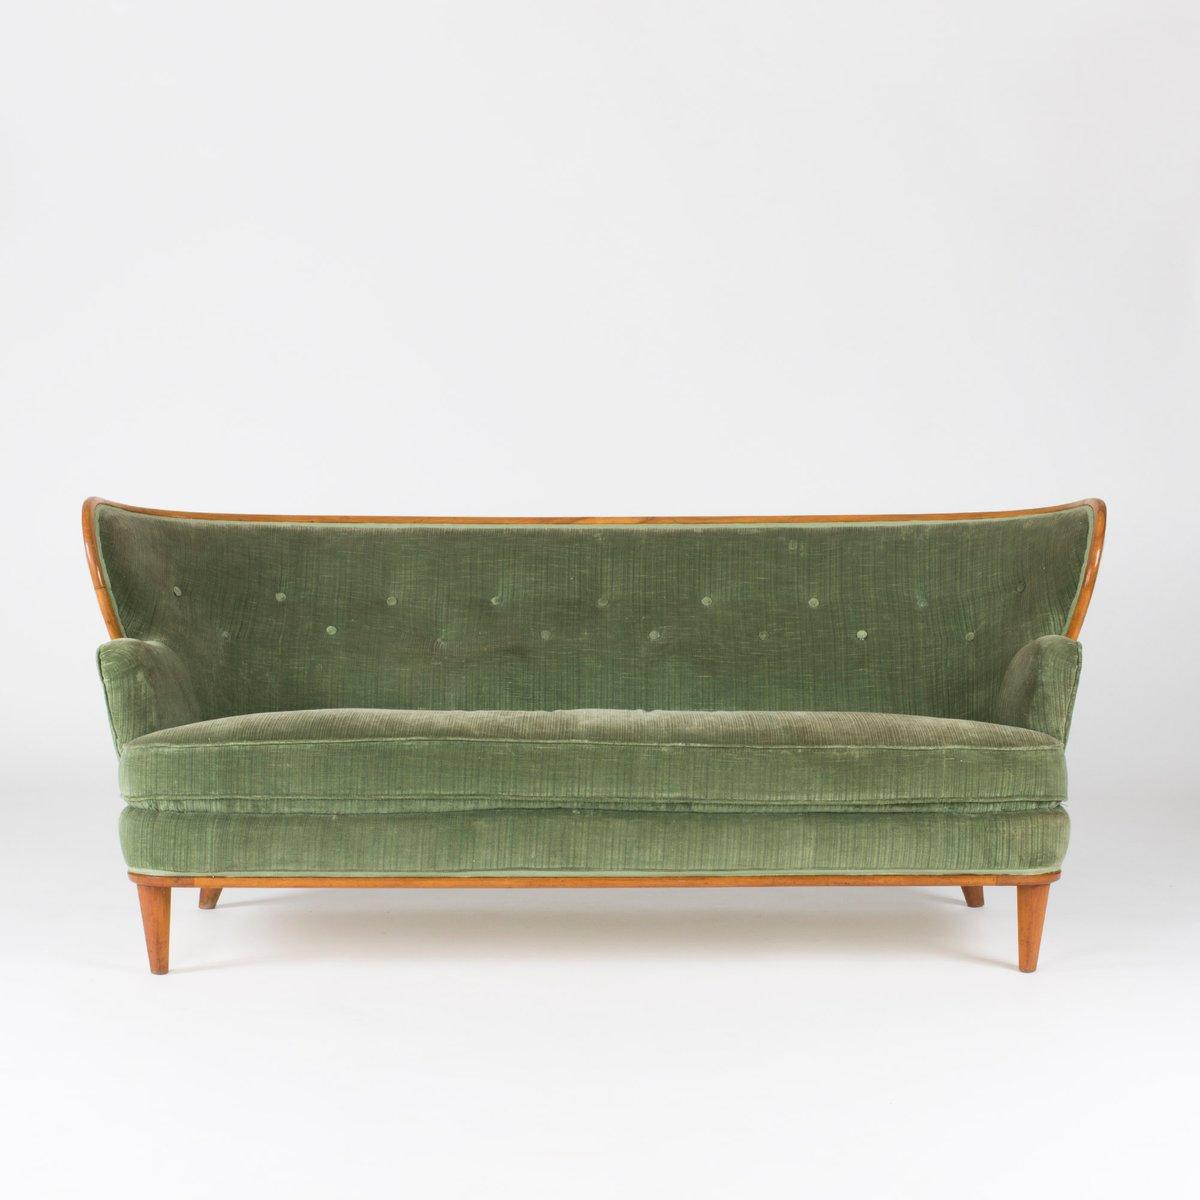 sofa aus nussholz und samt von axel larsson f r hjalmar jackson 1940er bei pamono kaufen. Black Bedroom Furniture Sets. Home Design Ideas